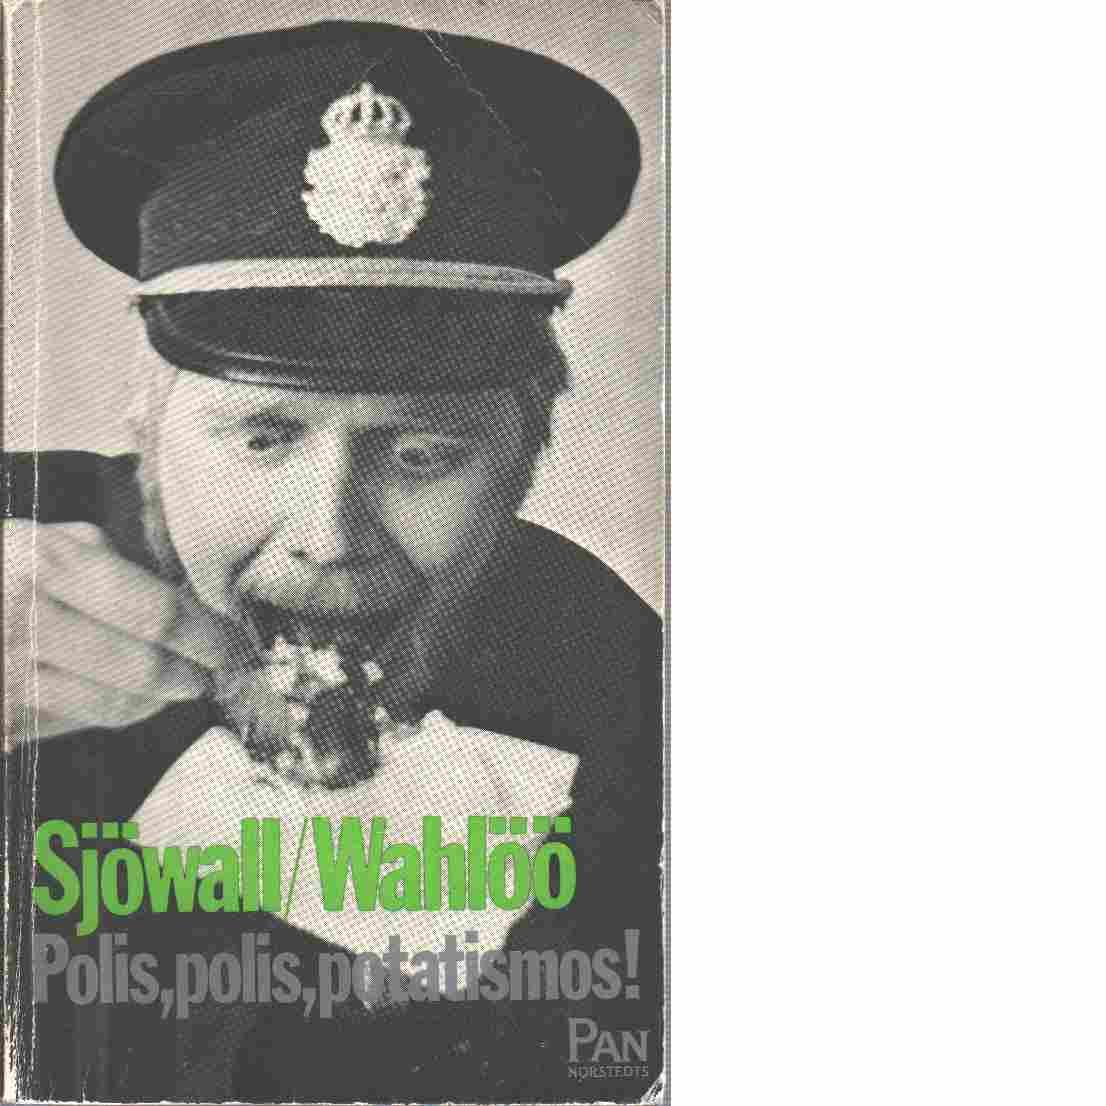 Polis, polis, potatismos! : roman om ett brott - Sjöwall, Maj och Wahlöö, Per